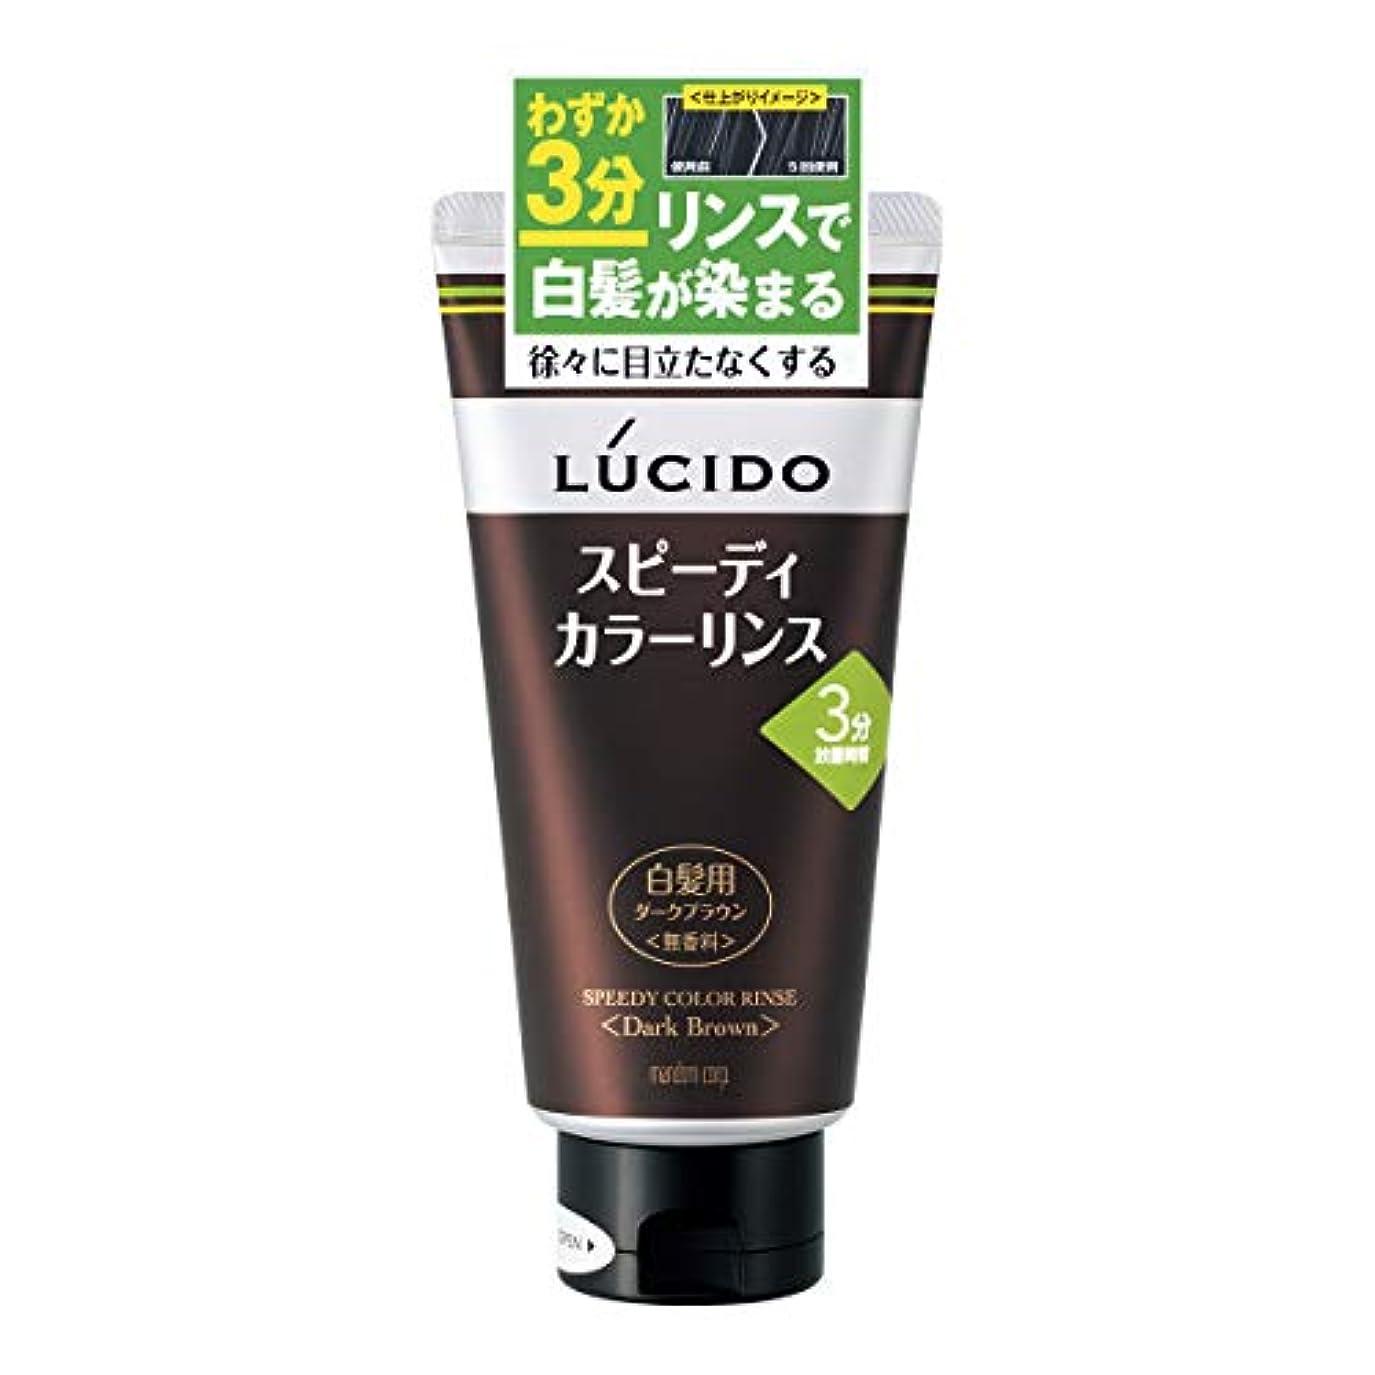 肝ふりをする協会LUCIDO(ルシード) スピーディカラーリンス ダークブラウン 160g リンスで簡単白髪染め